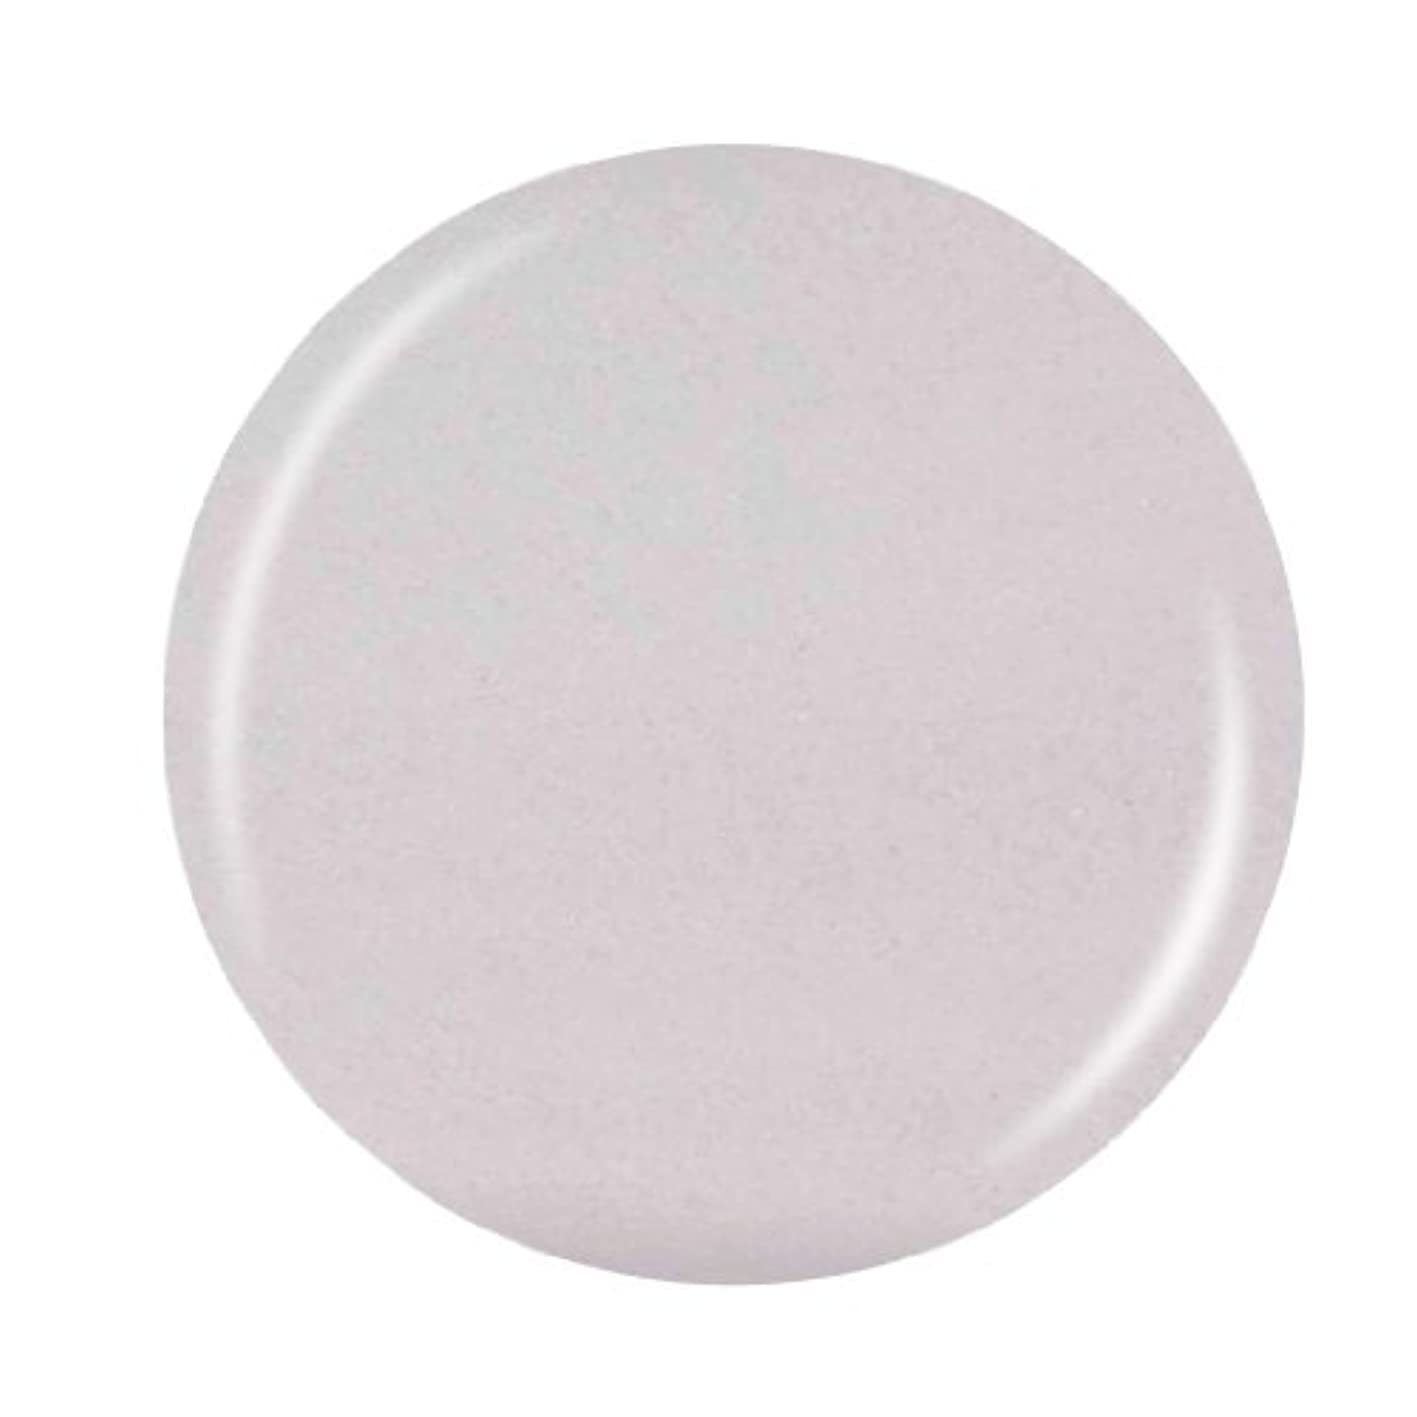 定期的に露出度の高いペルメルEzFlow Acrylic Powder - Murano Glass Collection - Wispy - 0.5oz / 14g